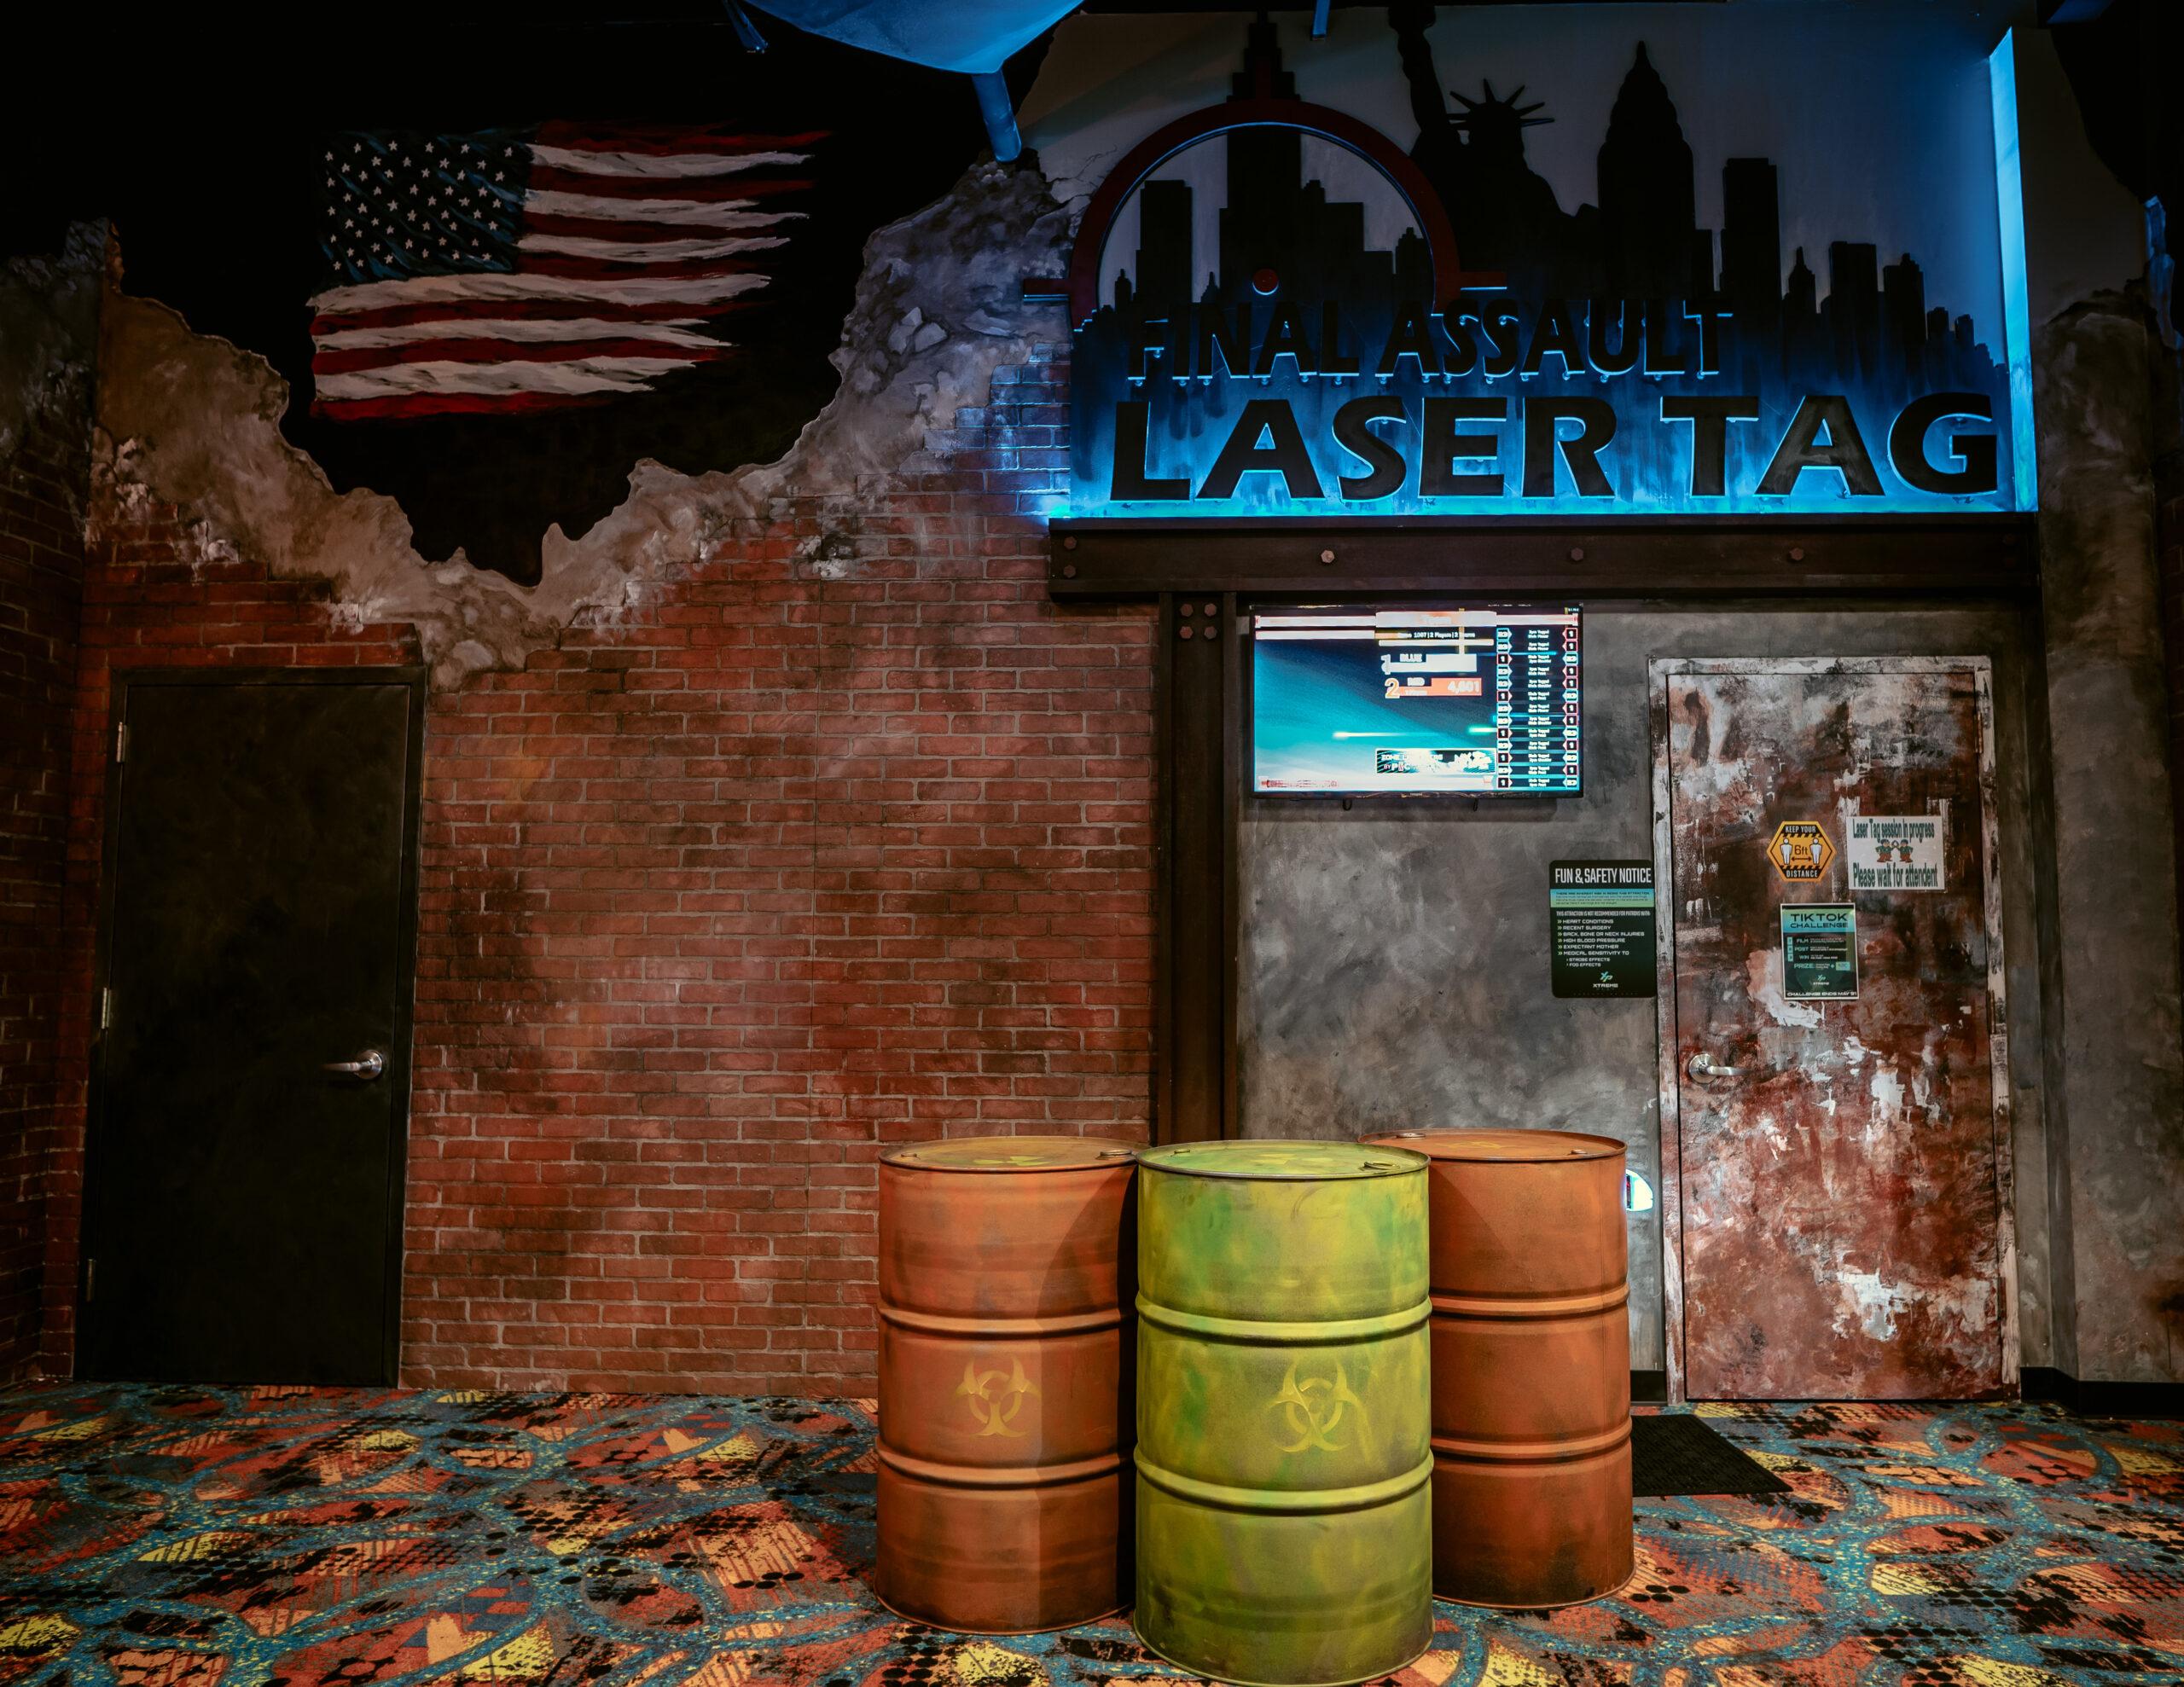 Laser Tag Entrance